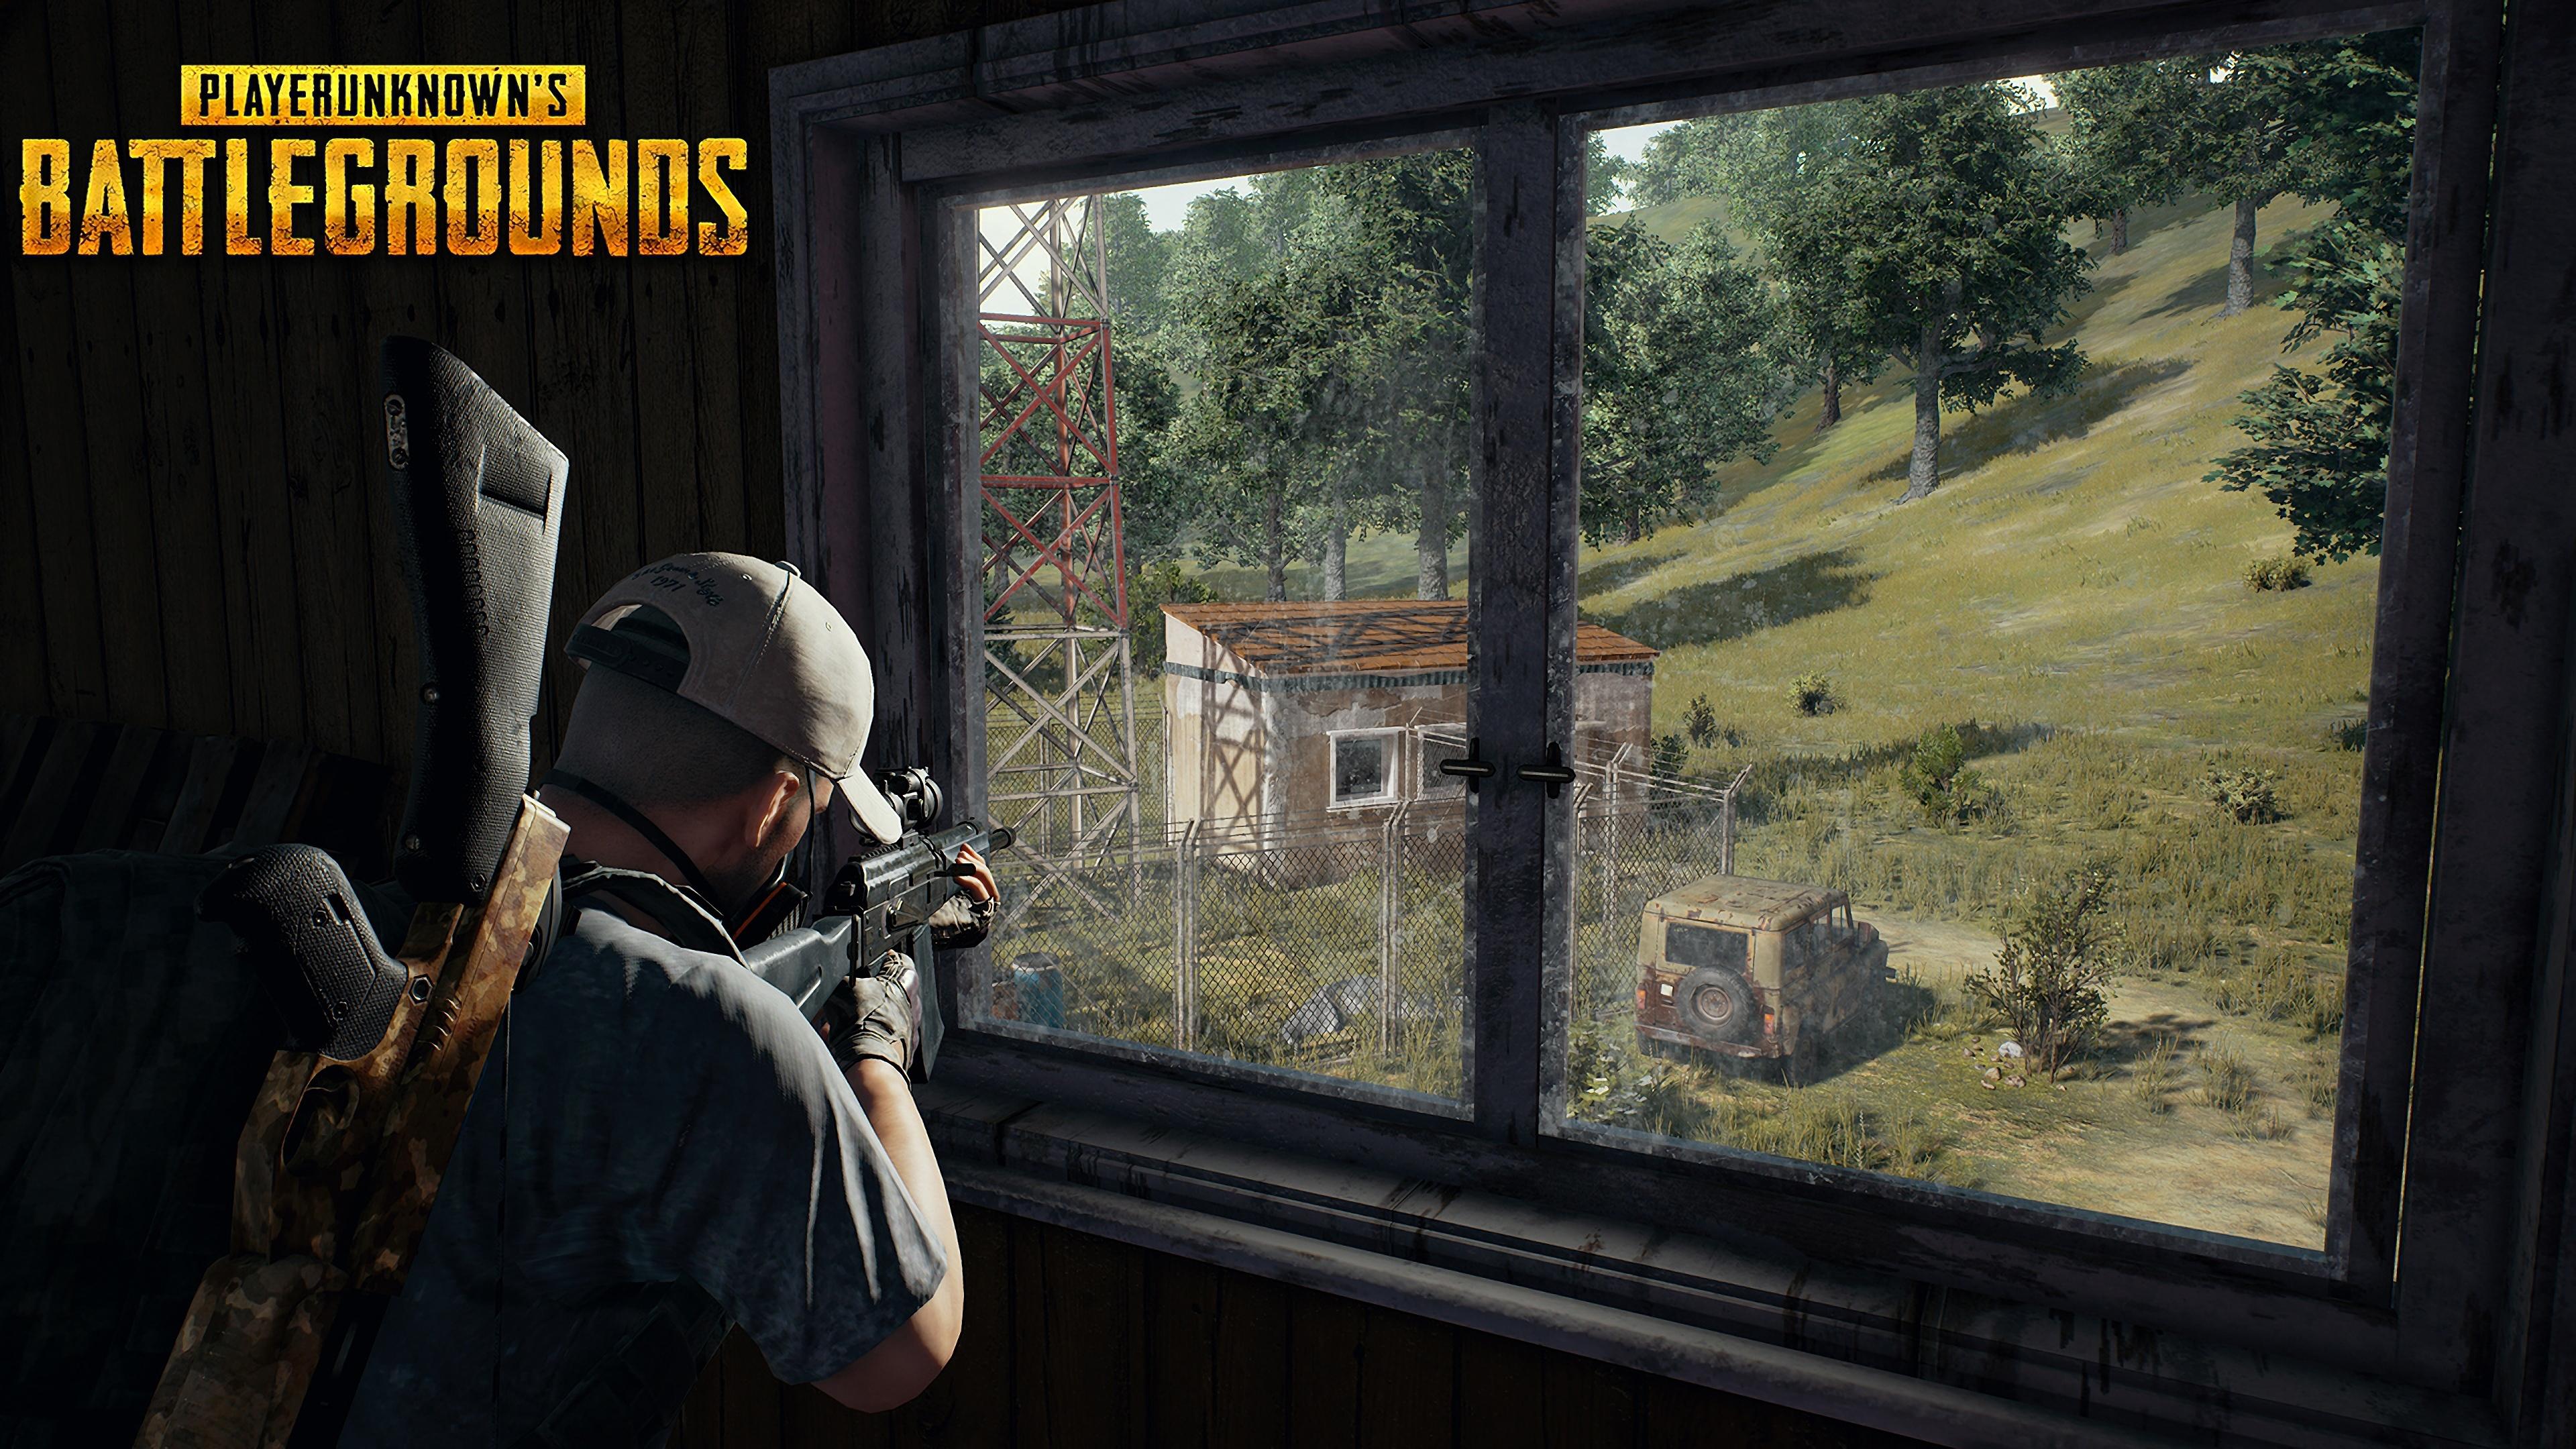 Pubg Playerunknowns Battlegrounds Background 24